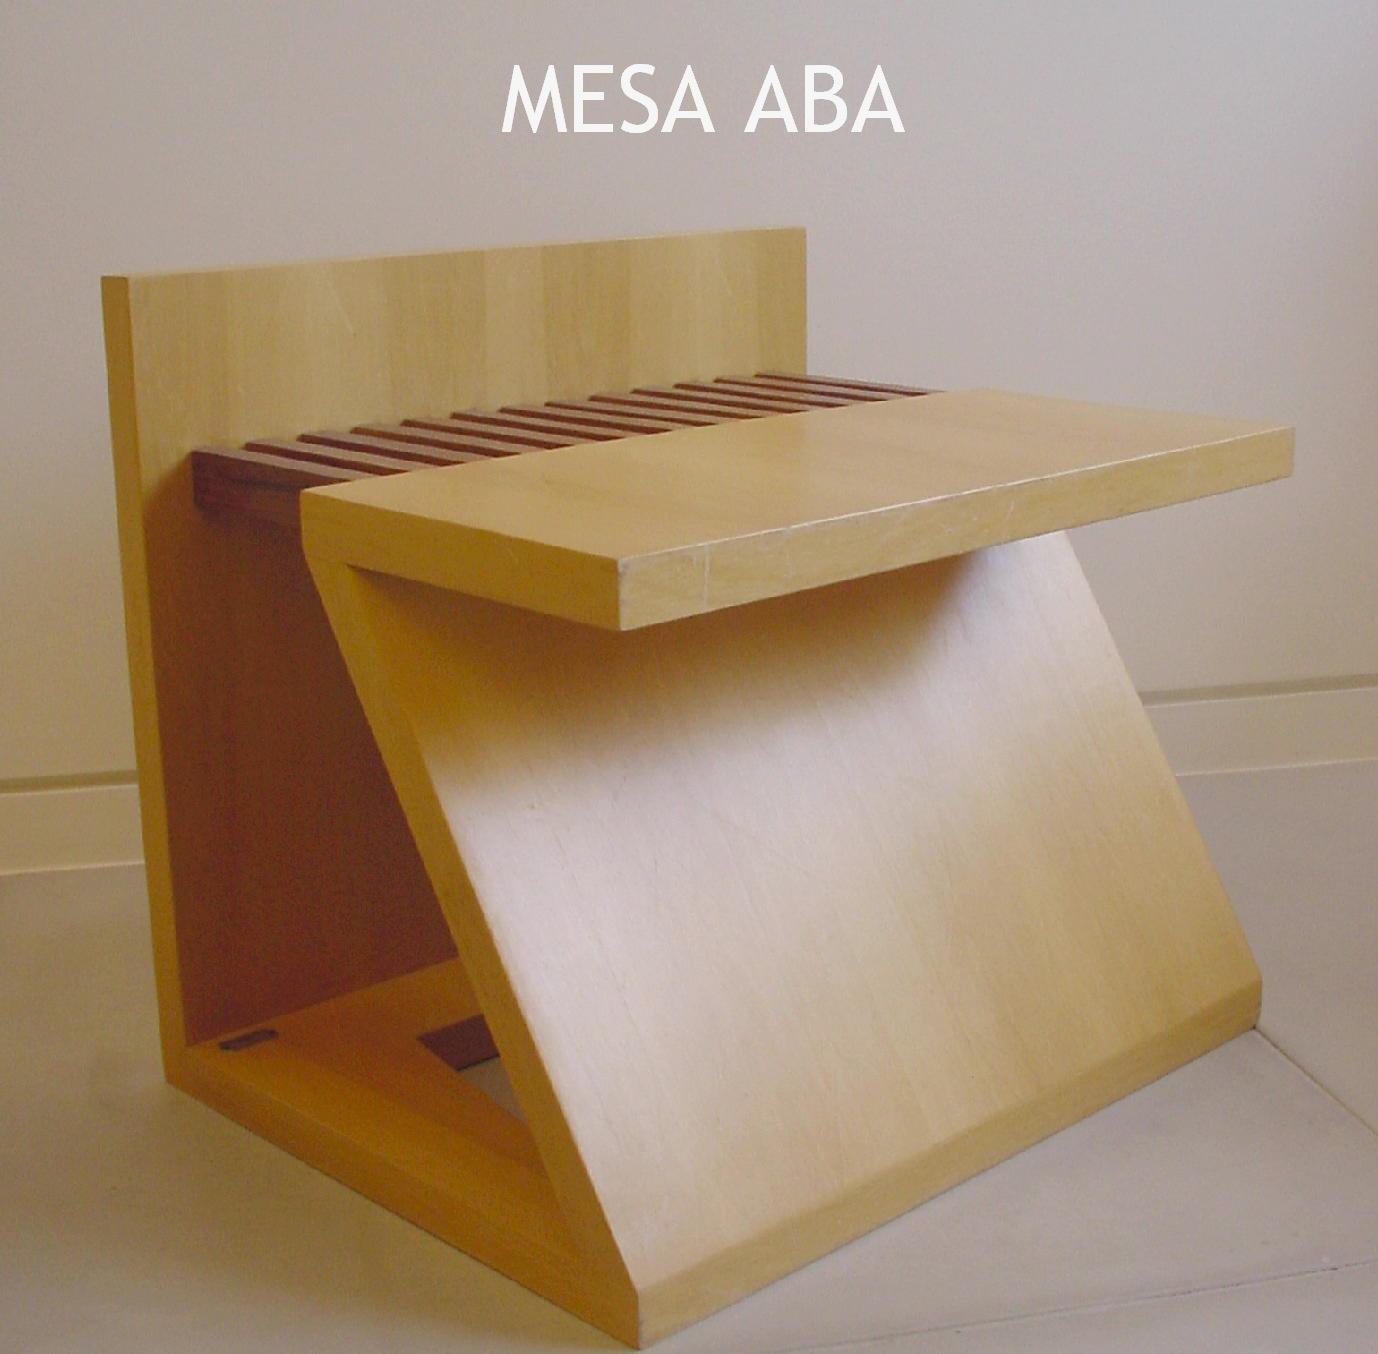 Folder mesa Aba